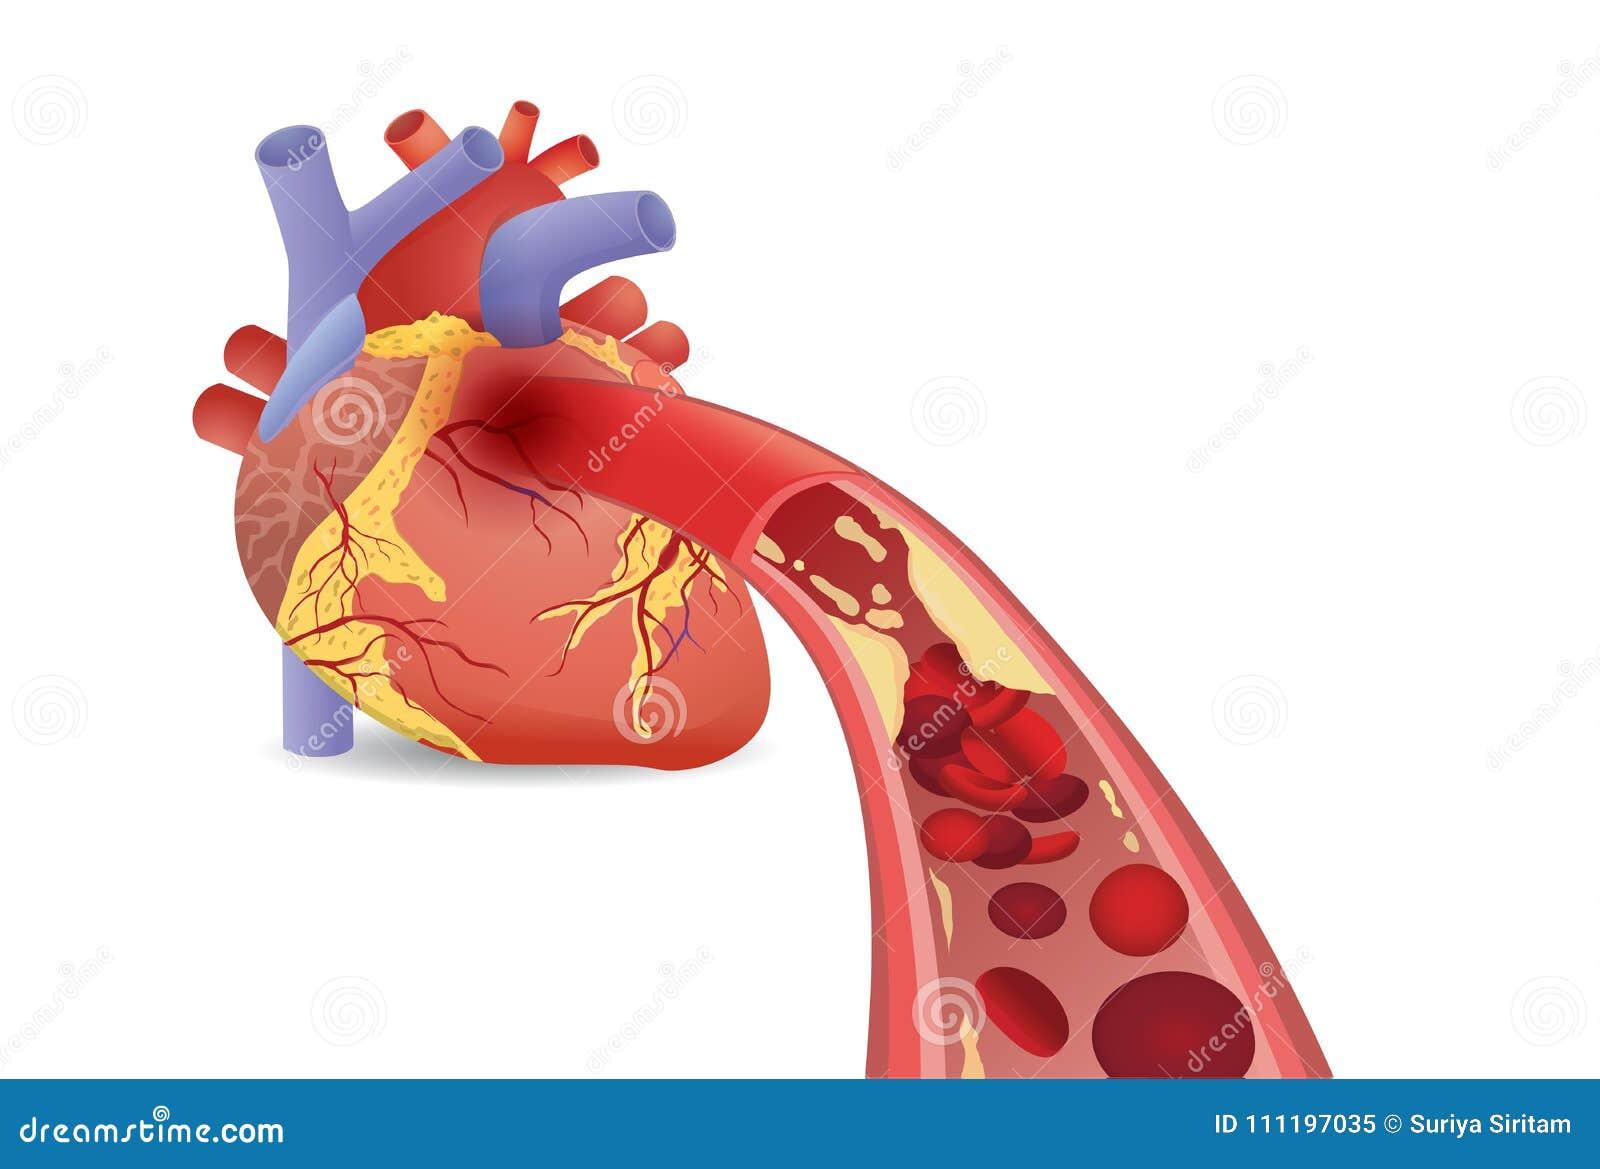 Клетка крови может подача ` t в человеческое сердце потому что закупоренные артерии наварным